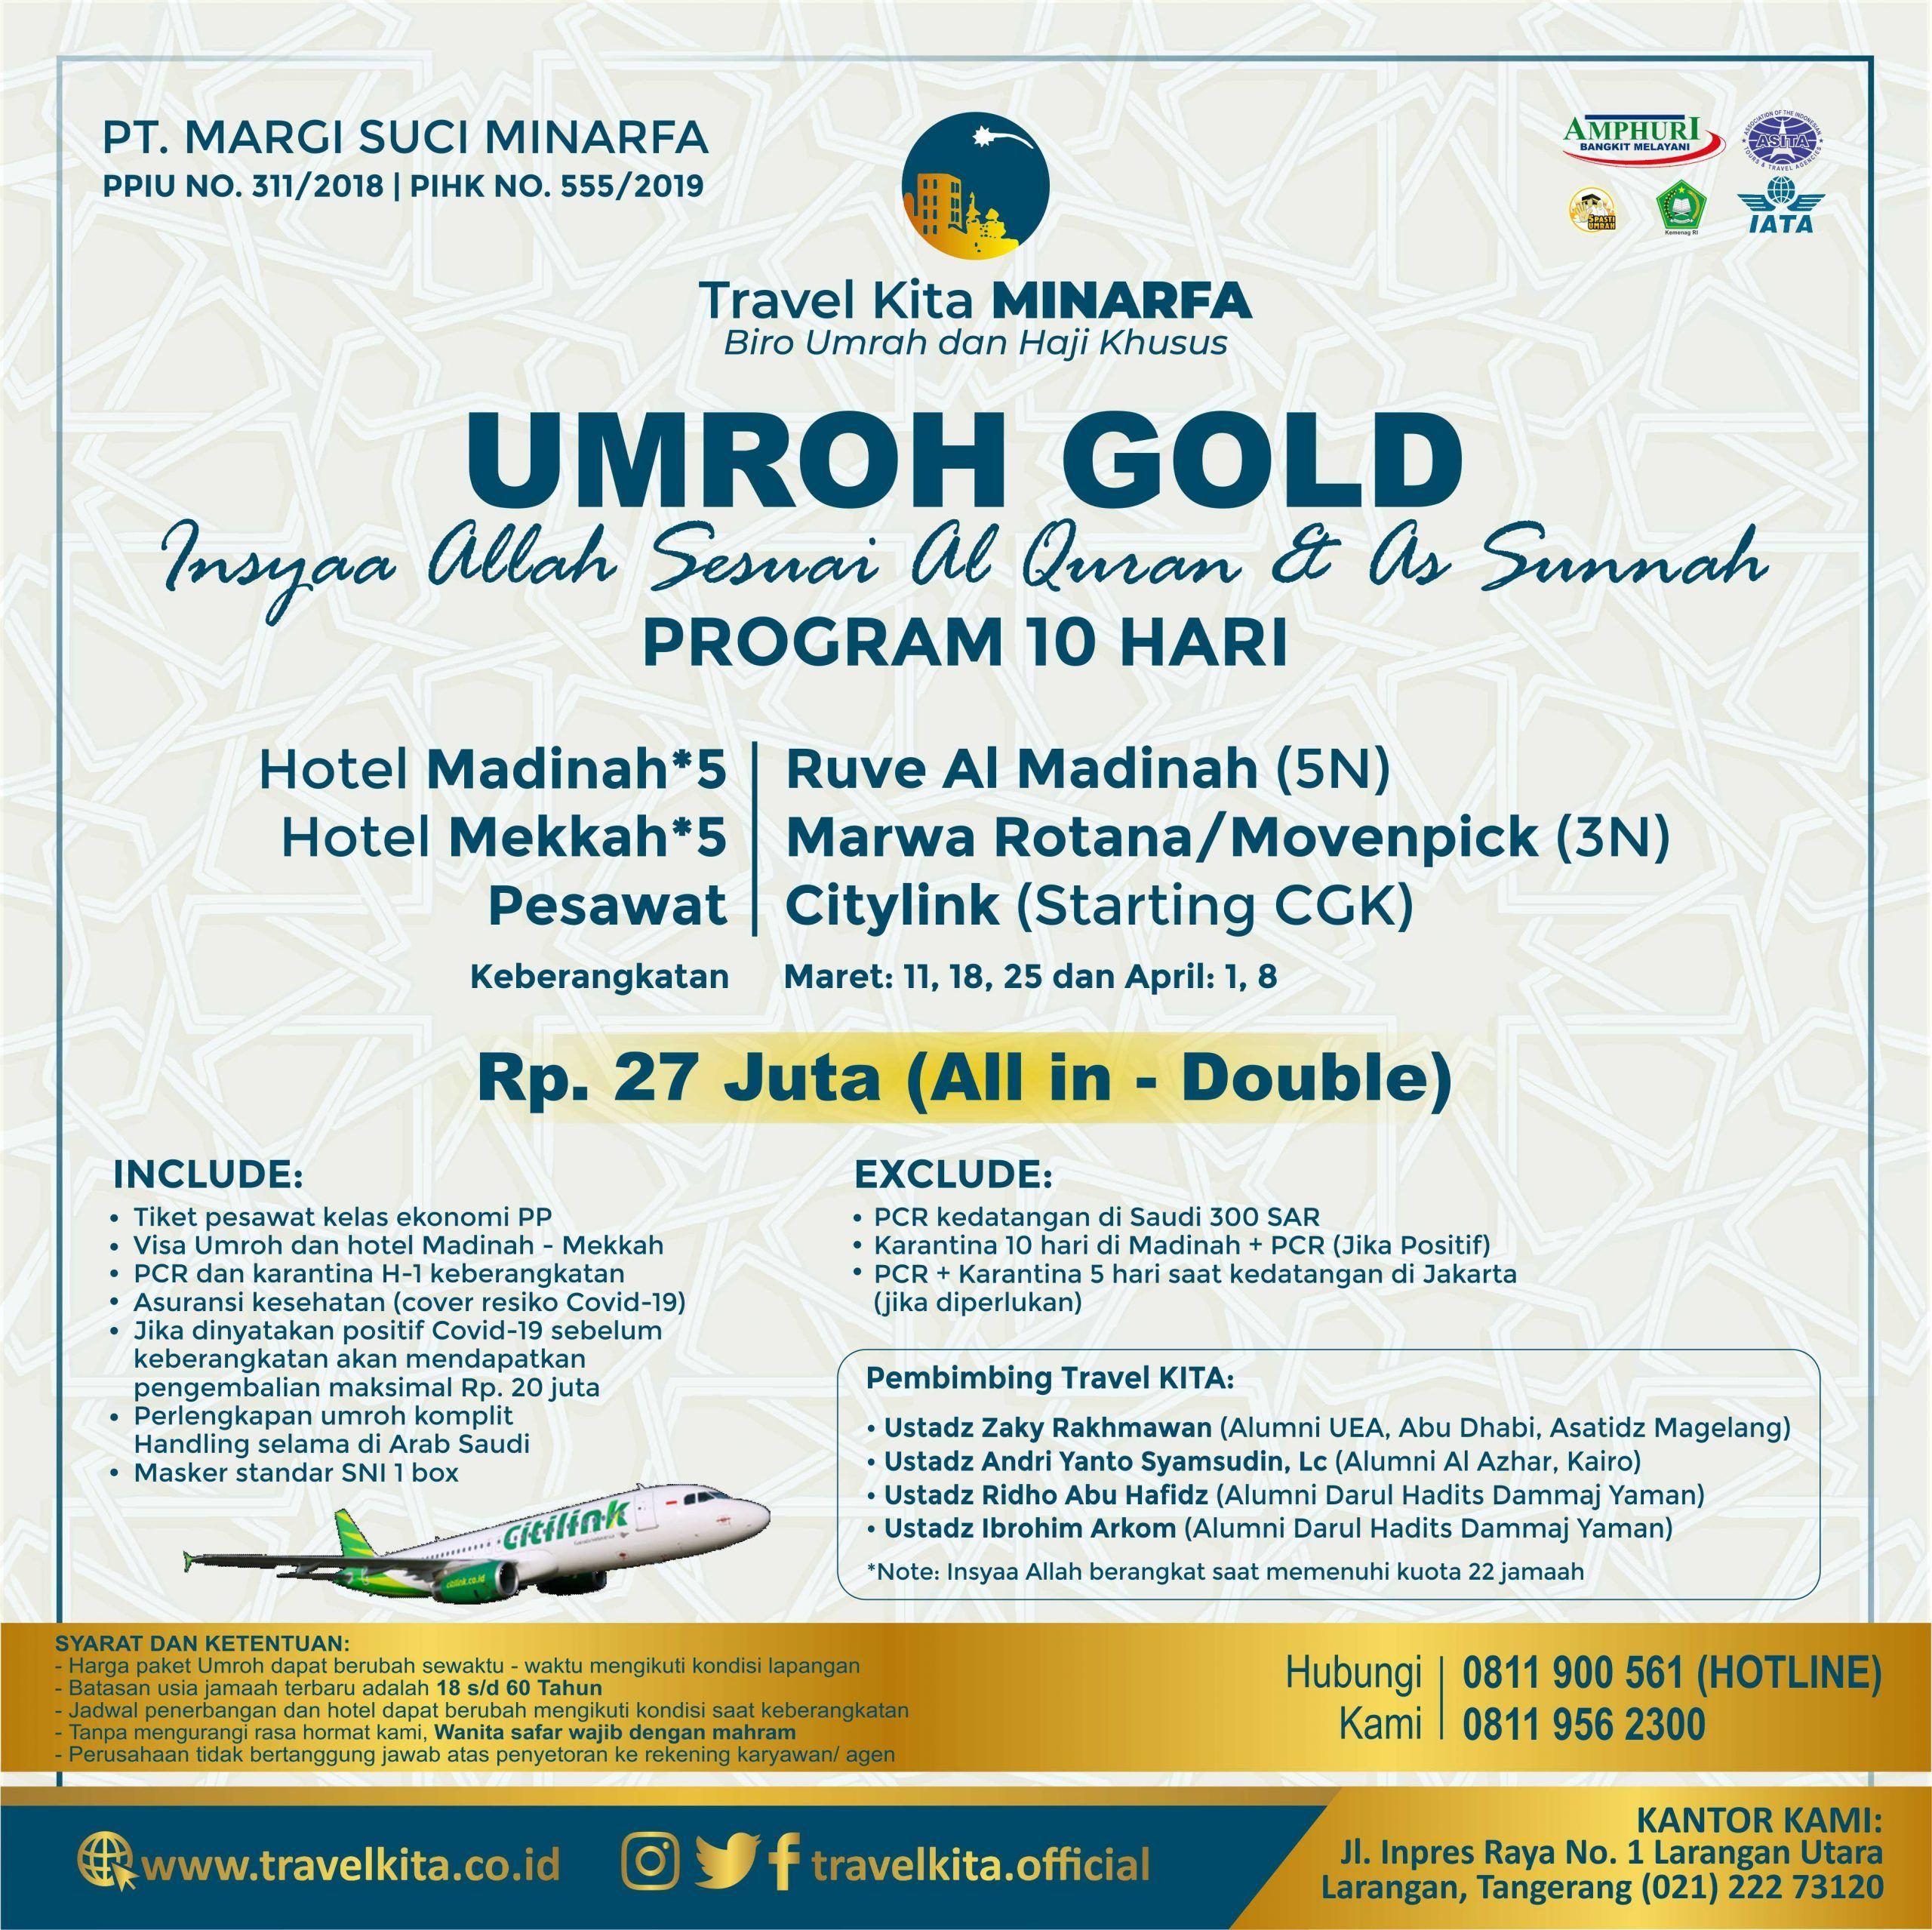 UMROH GOLD